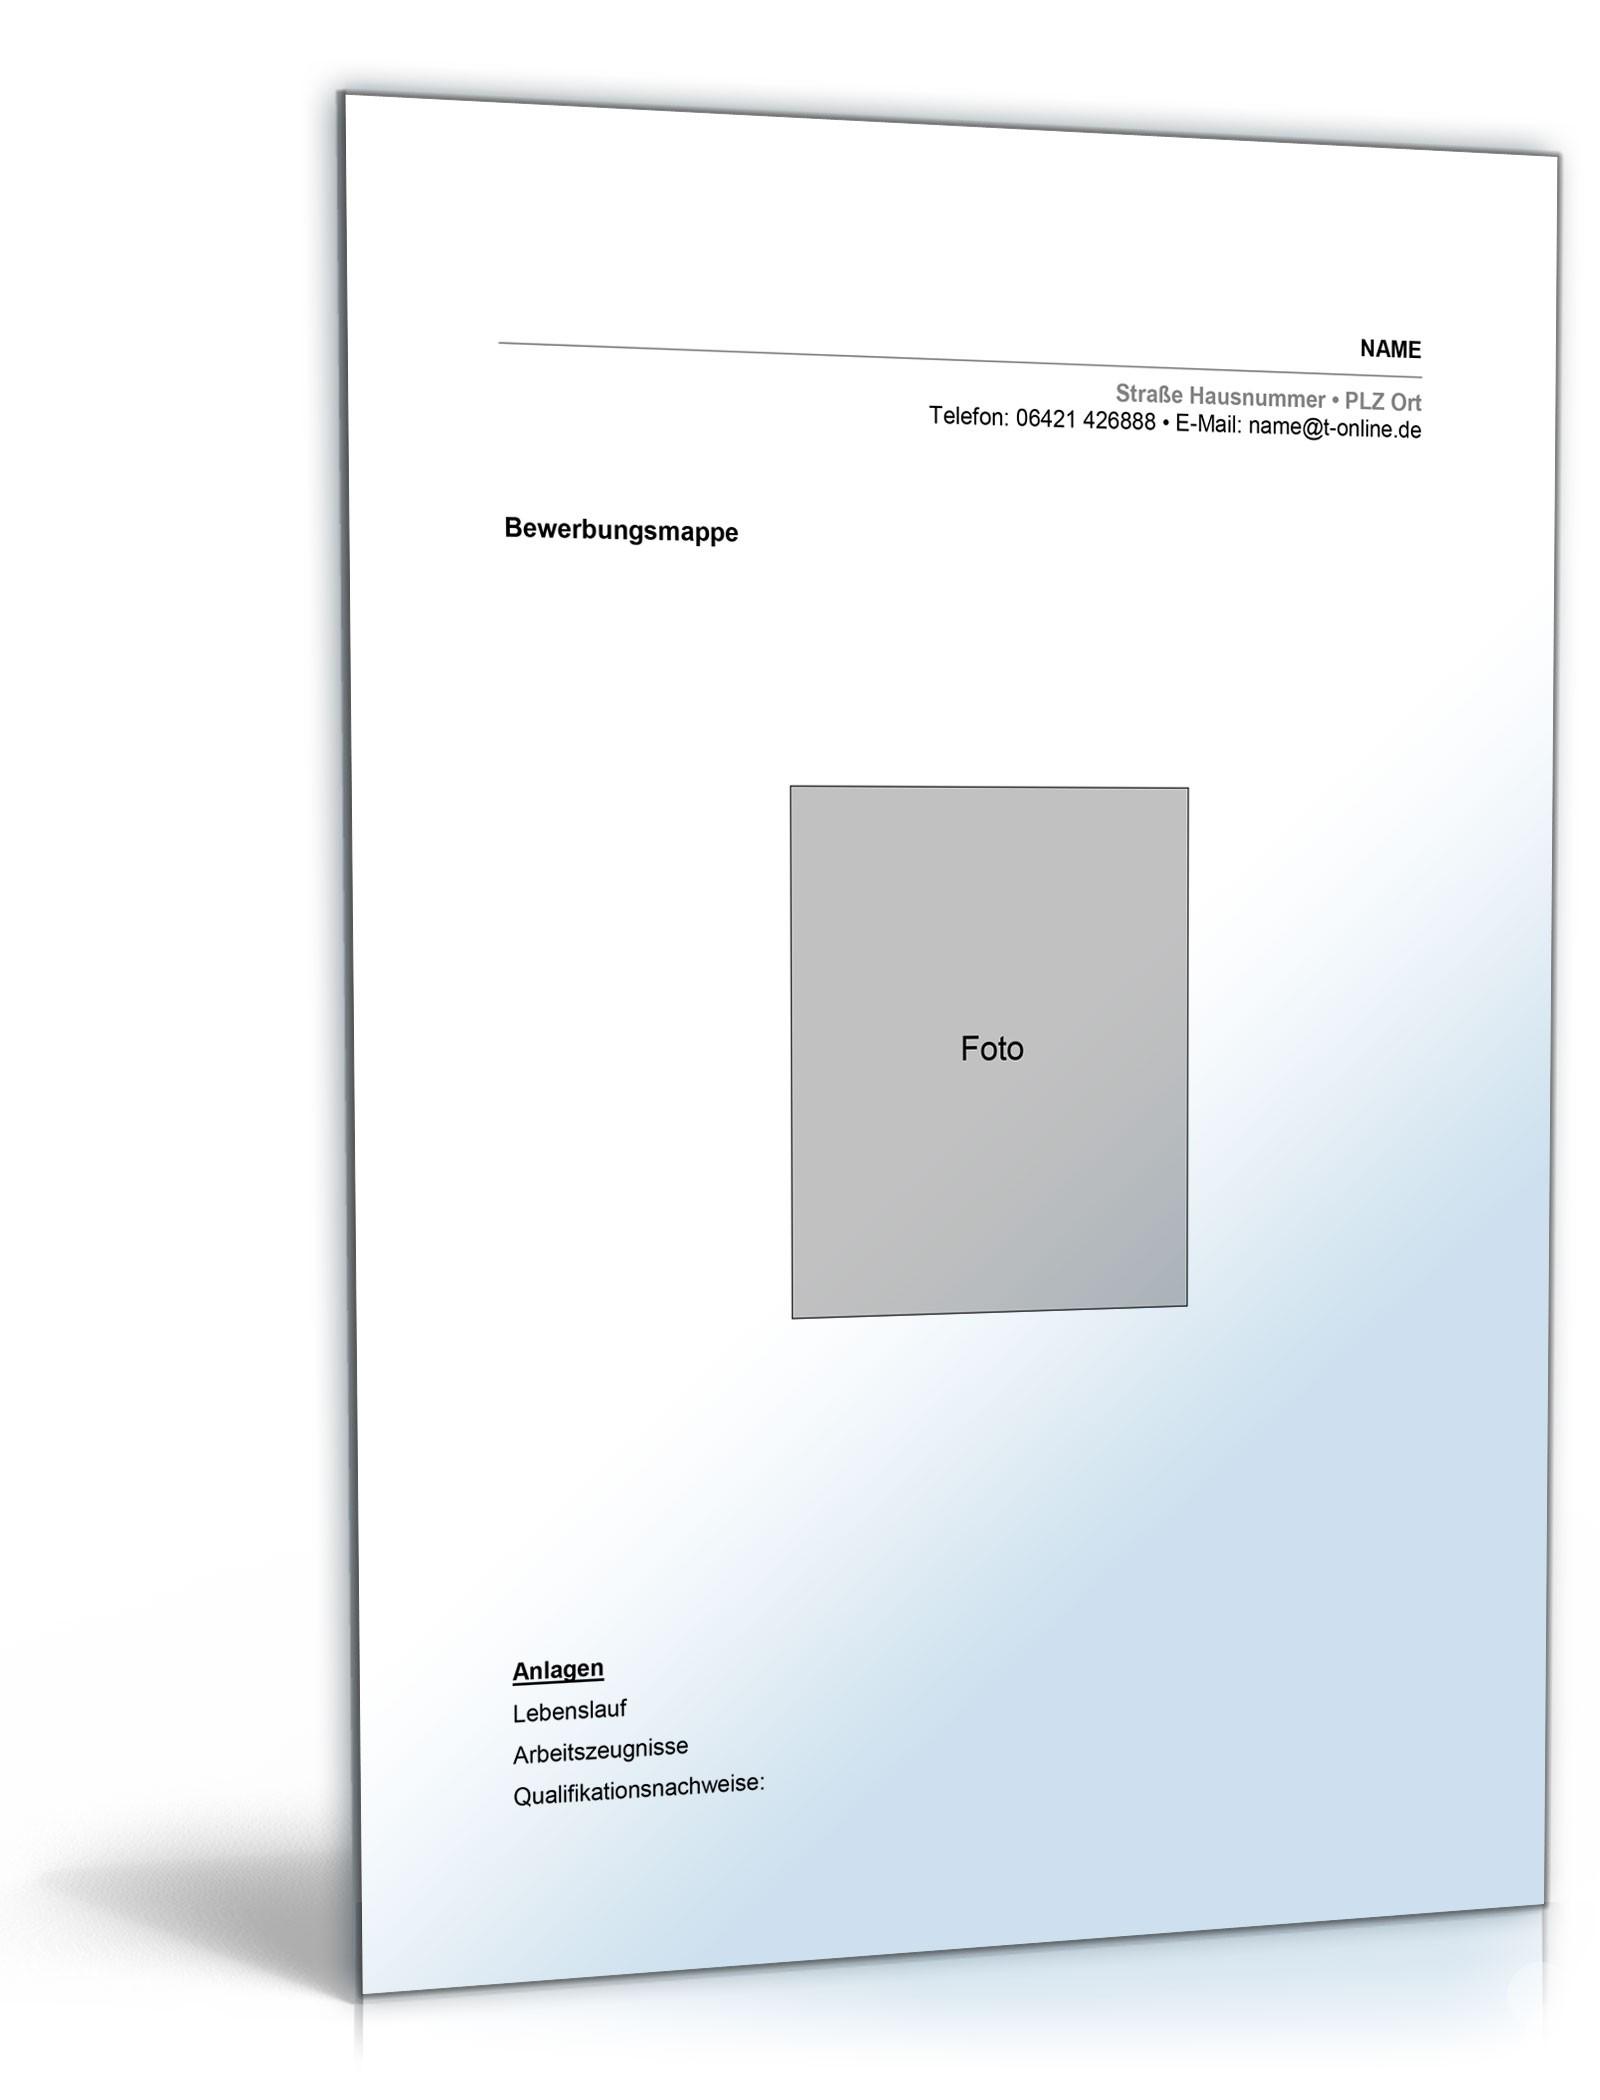 Groß Es Tech Lebenslauf Bilder - Beispiel Business Lebenslauf Ideen ...